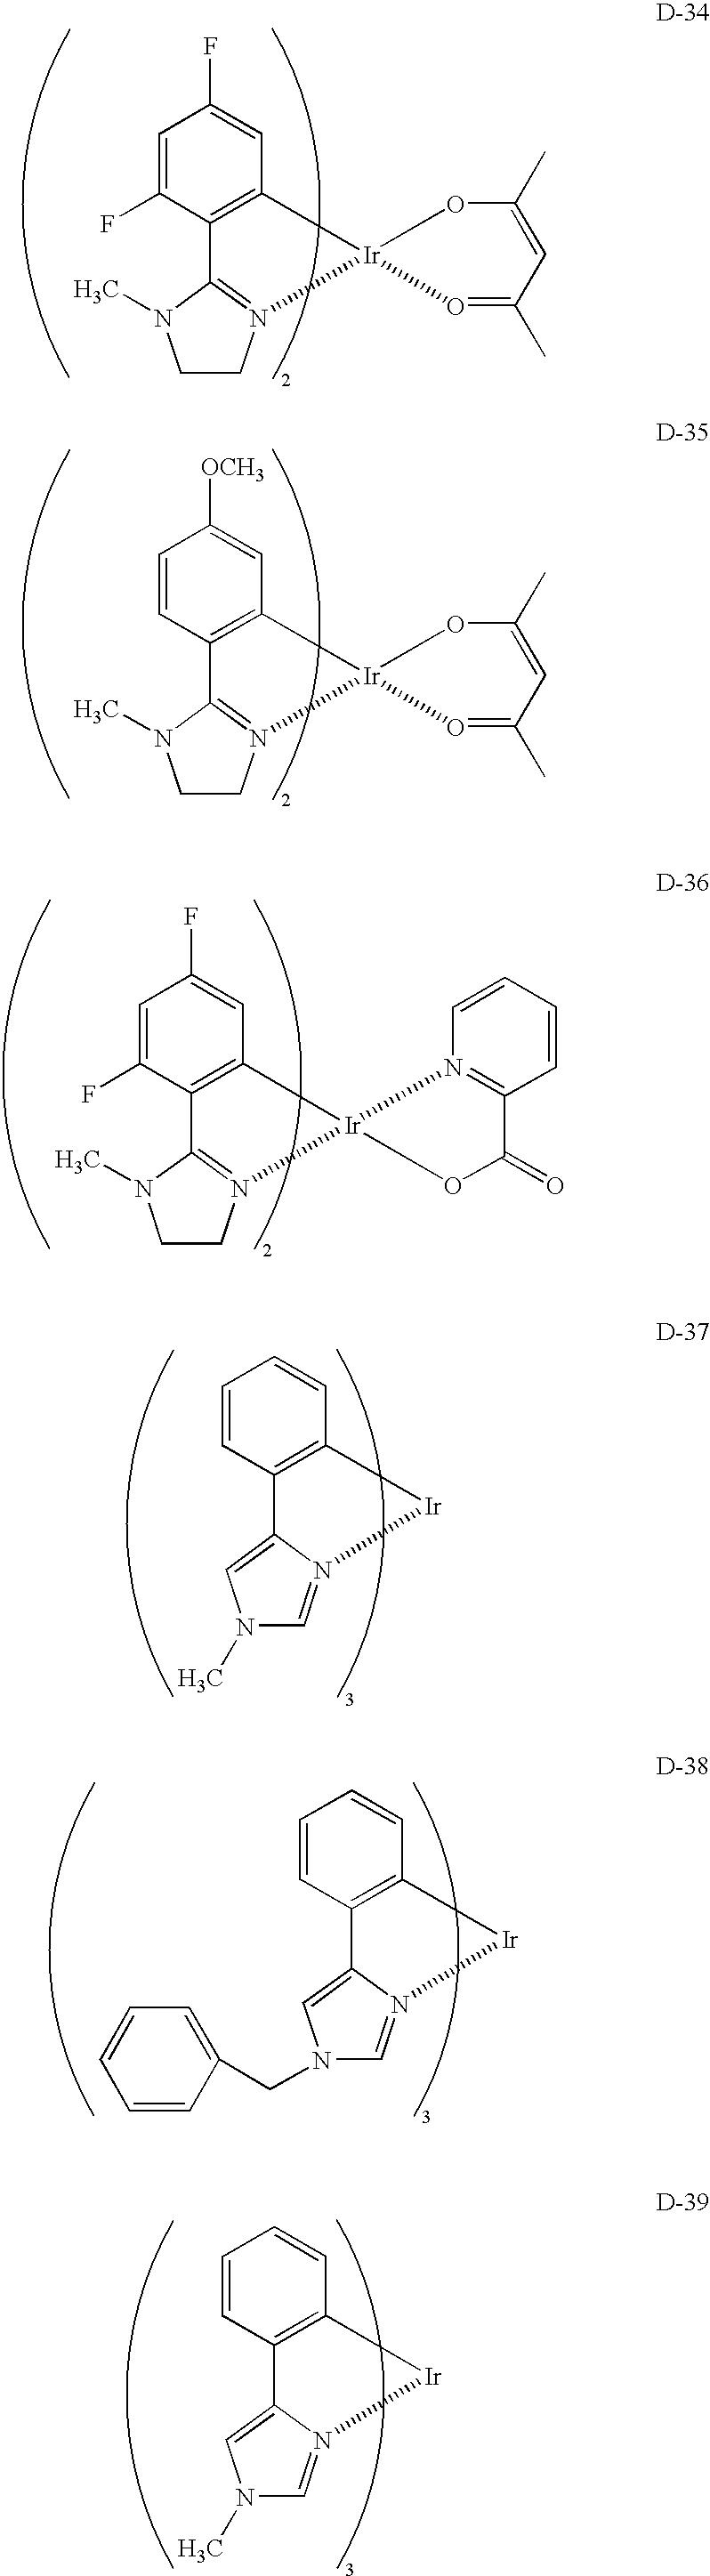 Figure US07504657-20090317-C00010